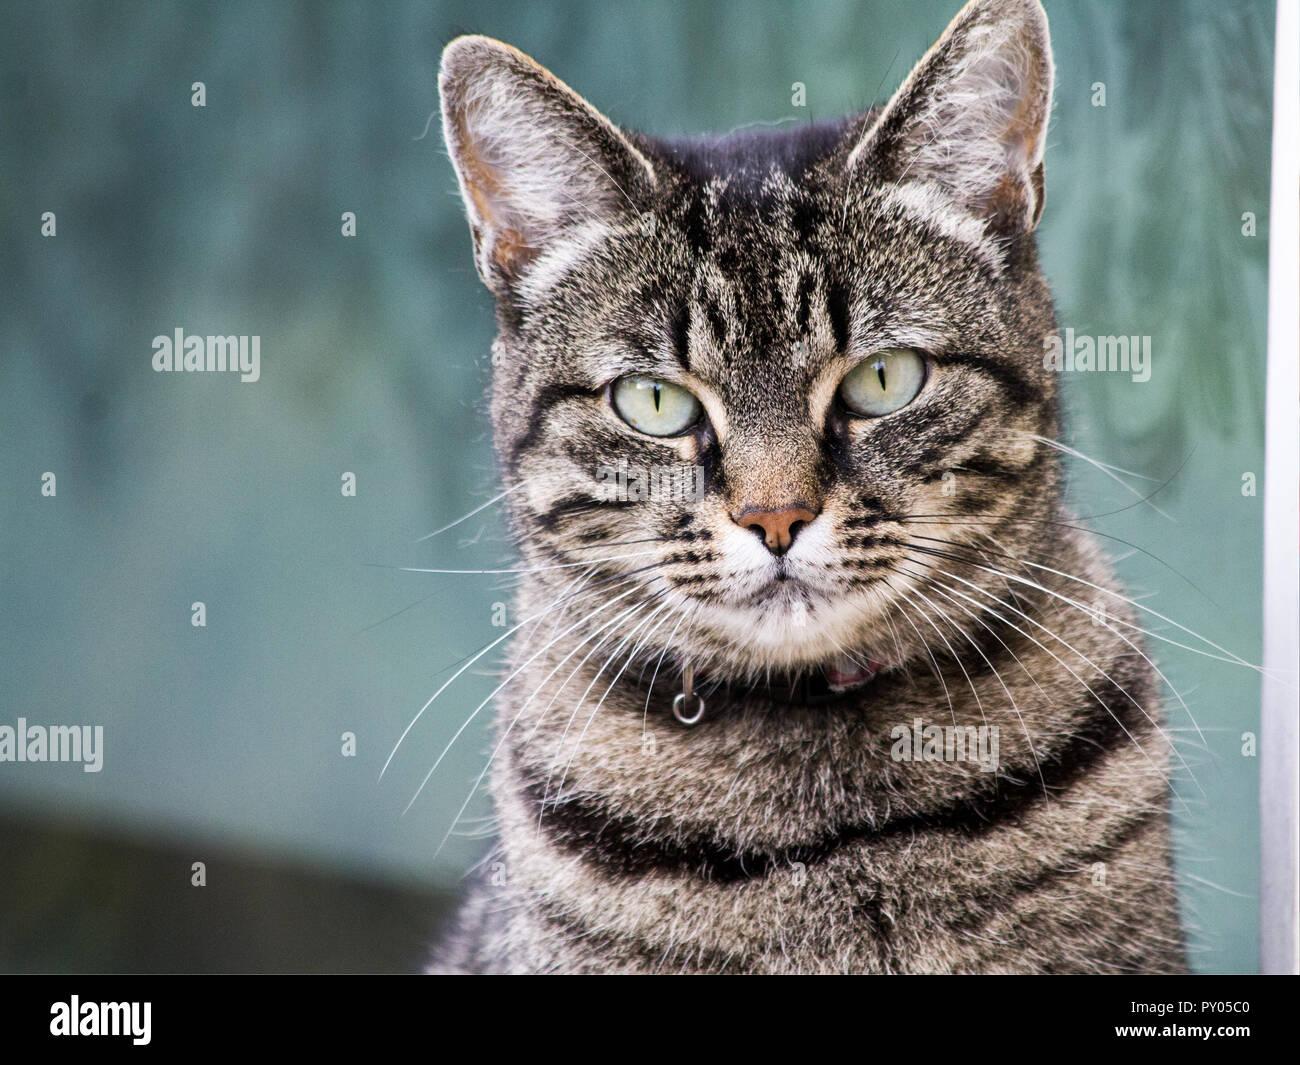 Un hermoso gato con iris muy delgada' en sus ojos posando para la cámara. Imagen De Stock